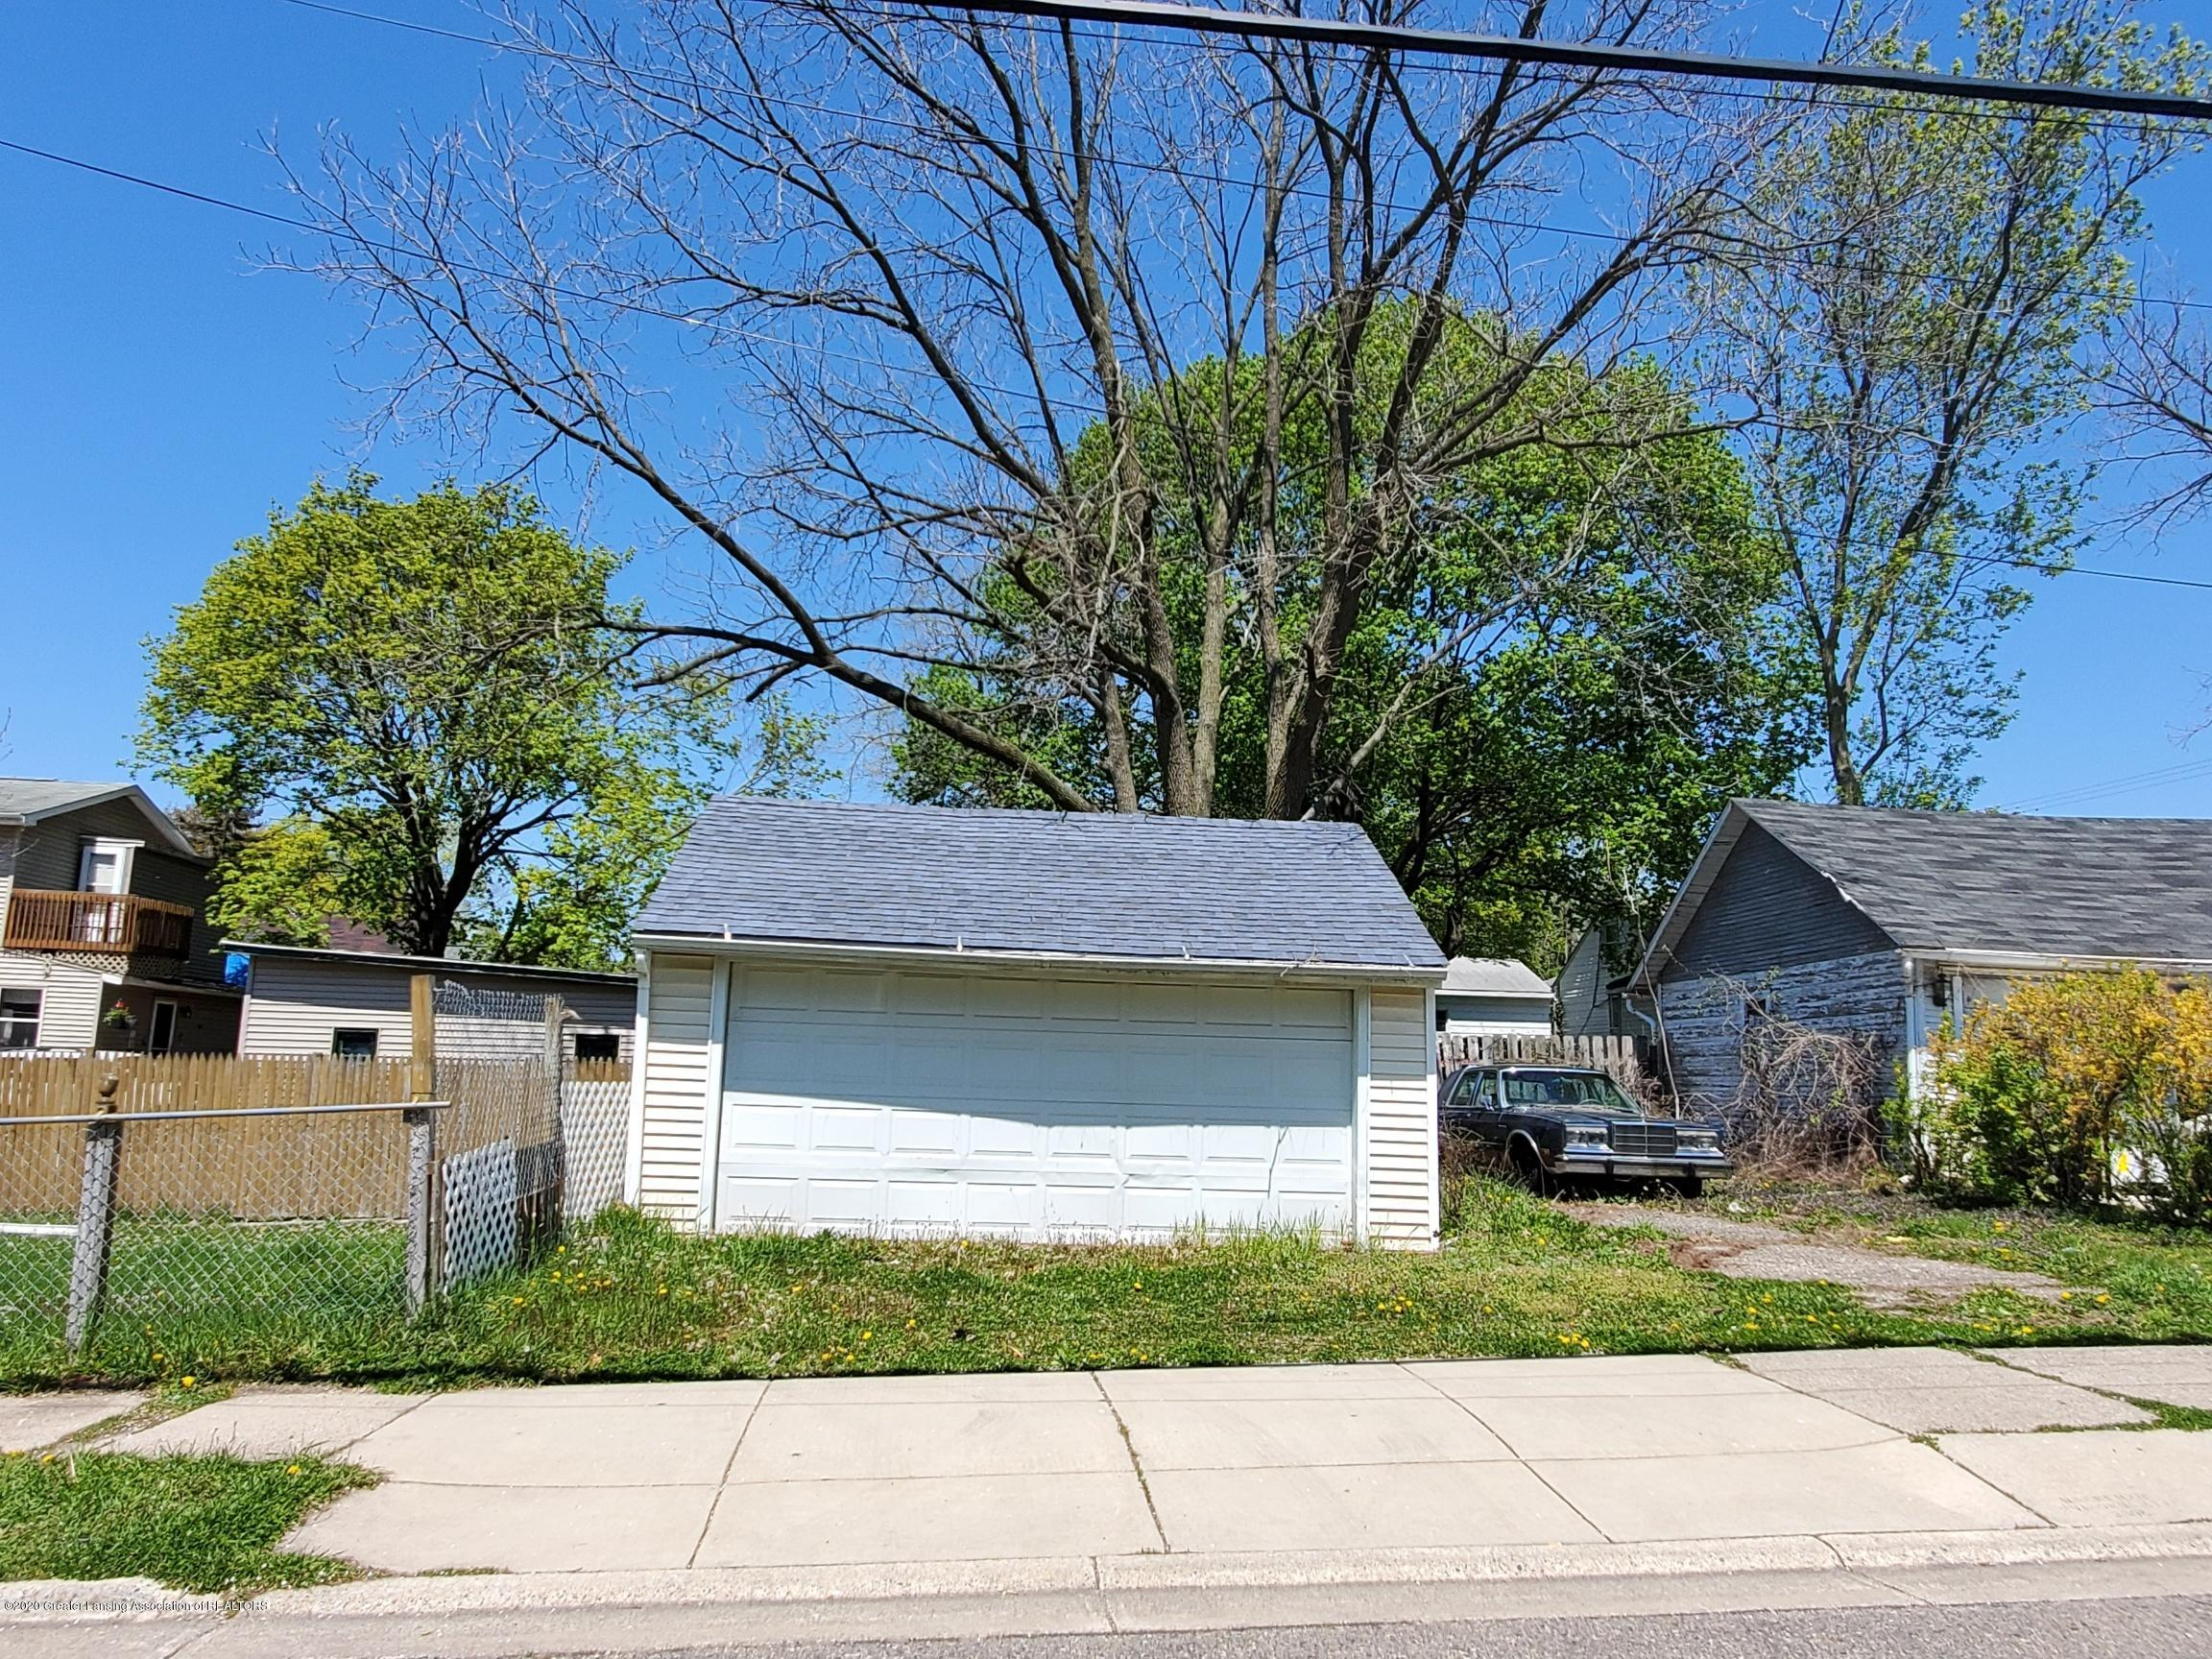 1600 Massachusetts Ave - 20200512_134524_resized - 2